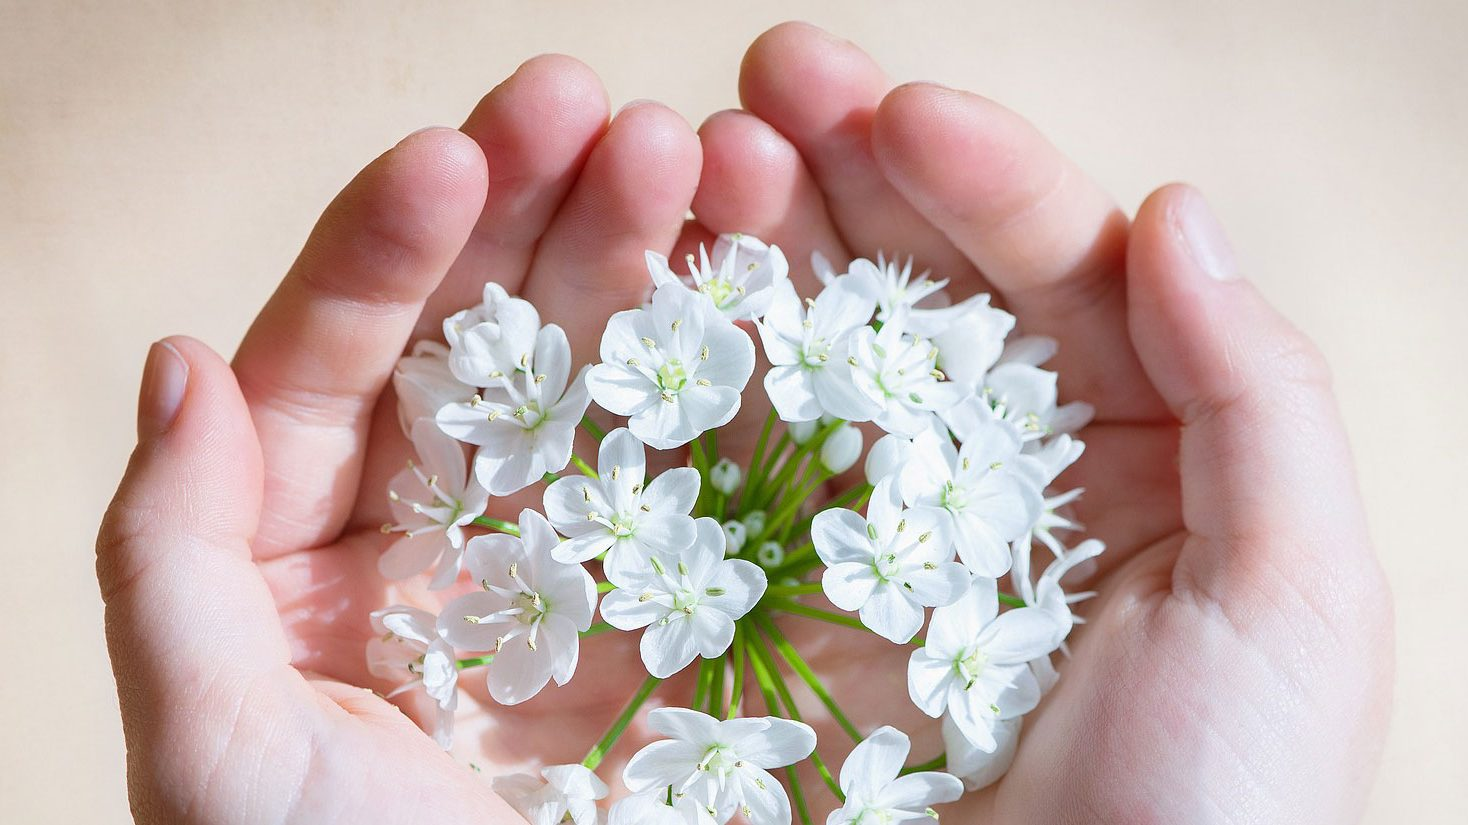 ידיים אוחזות פרחים לבנים, כפי שהן יאחזו ידיים של חולה הנוטה למות